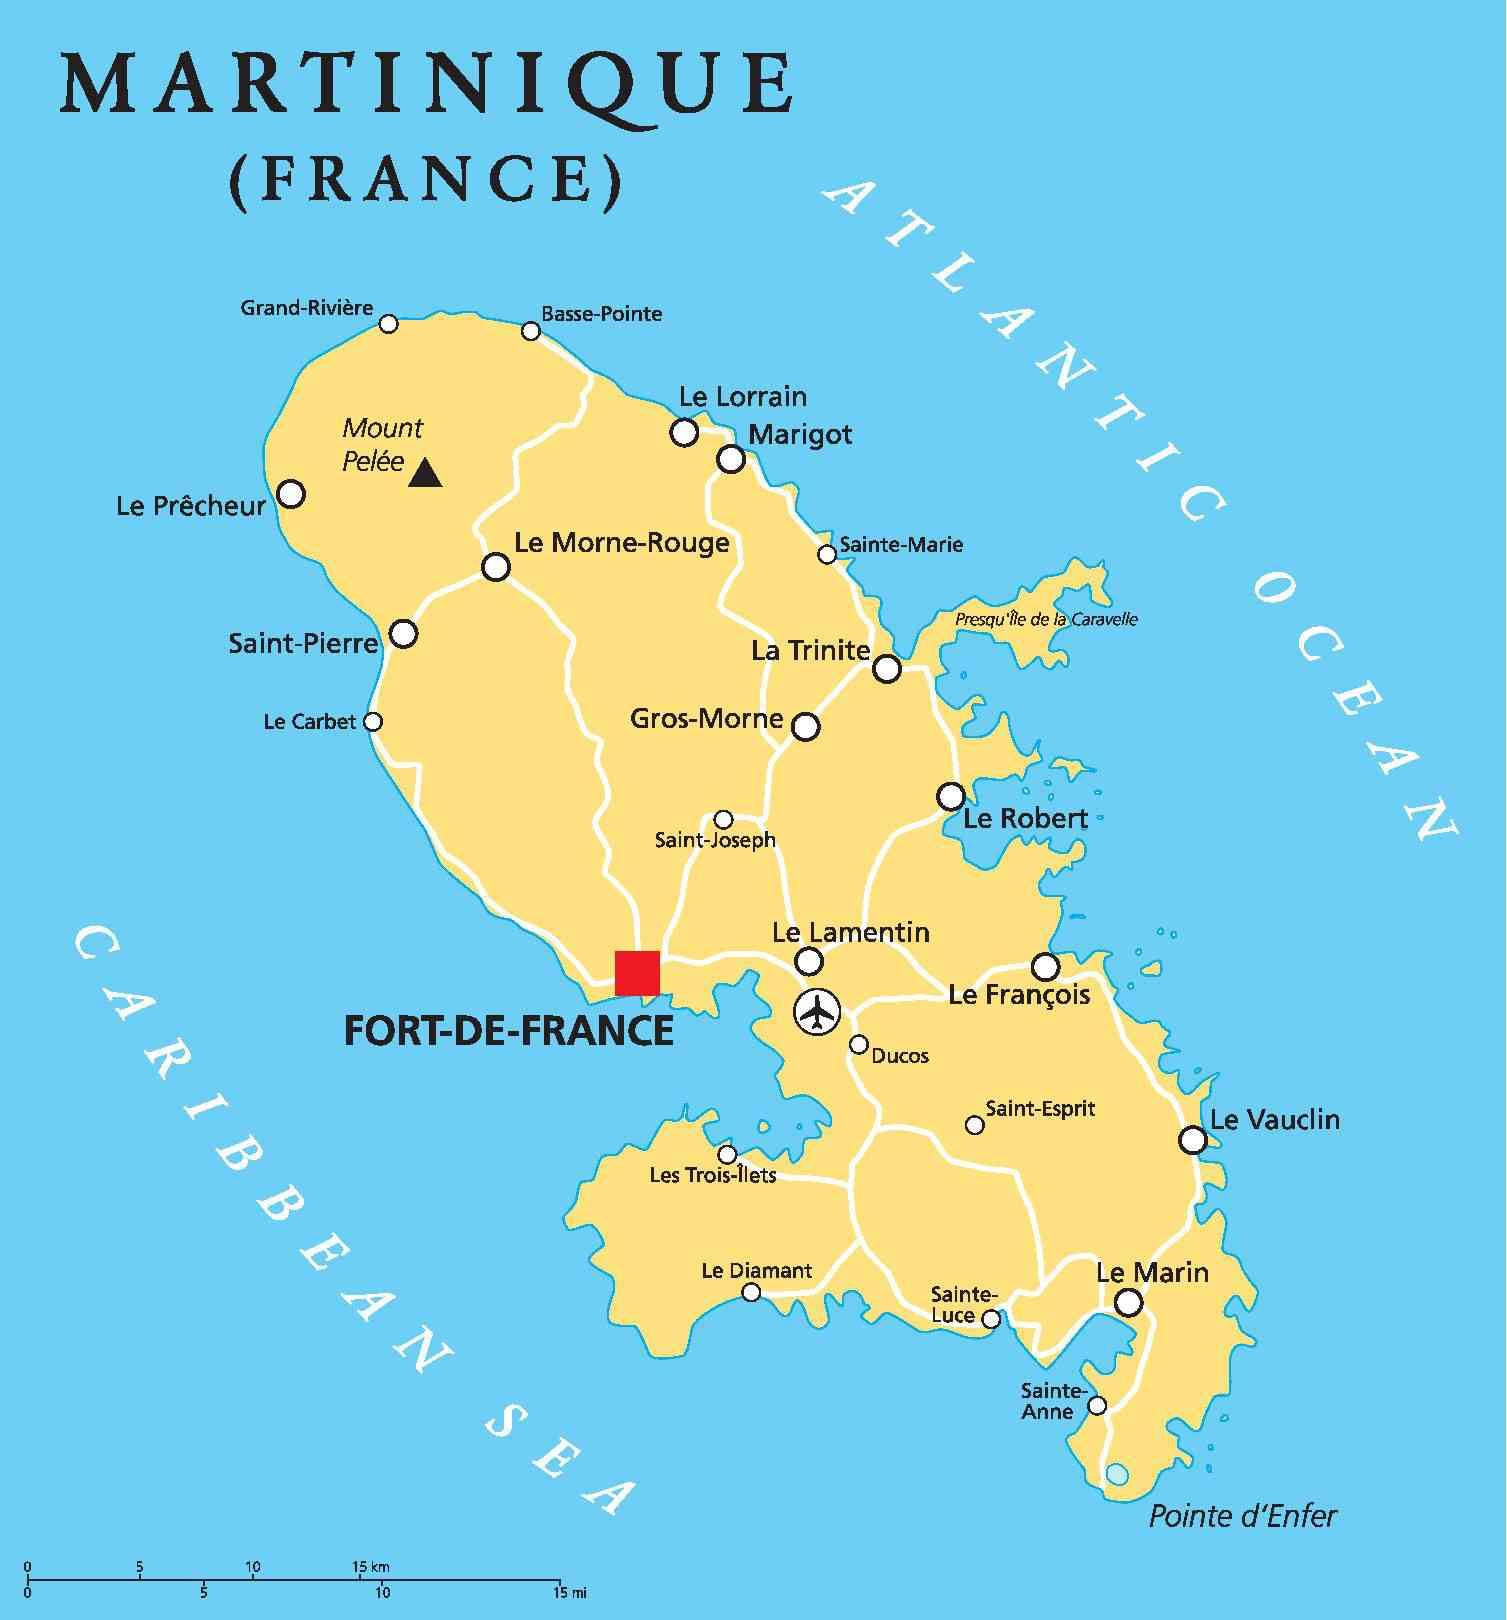 fort de france capitale de la martinique